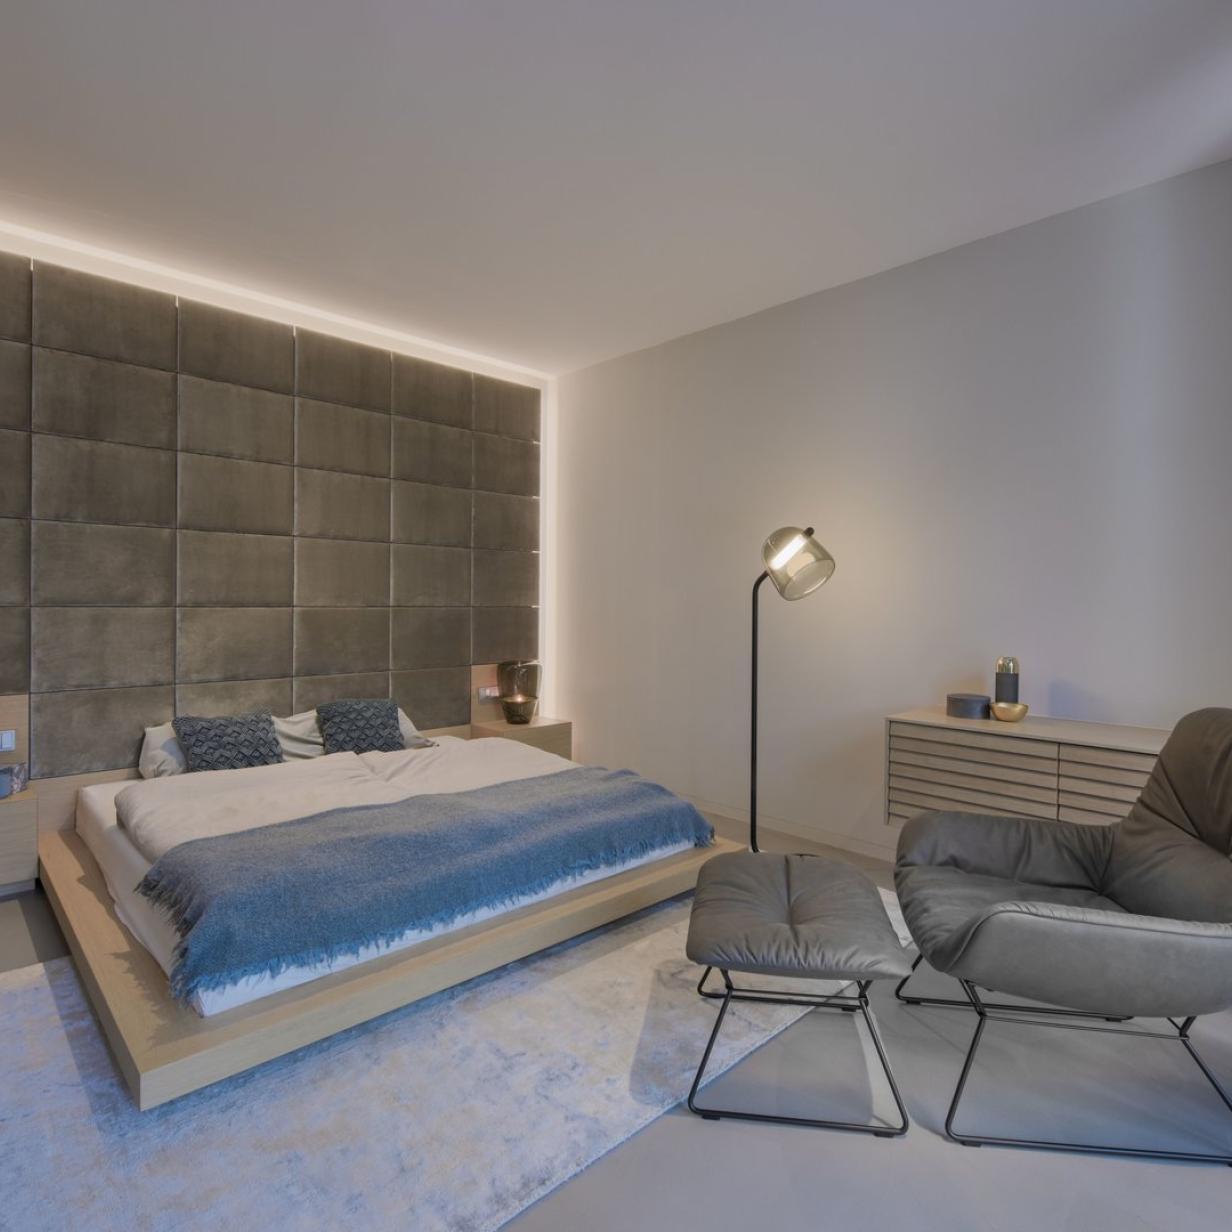 Blick ins Schlafzimmer: Sieben aktuelle Trends